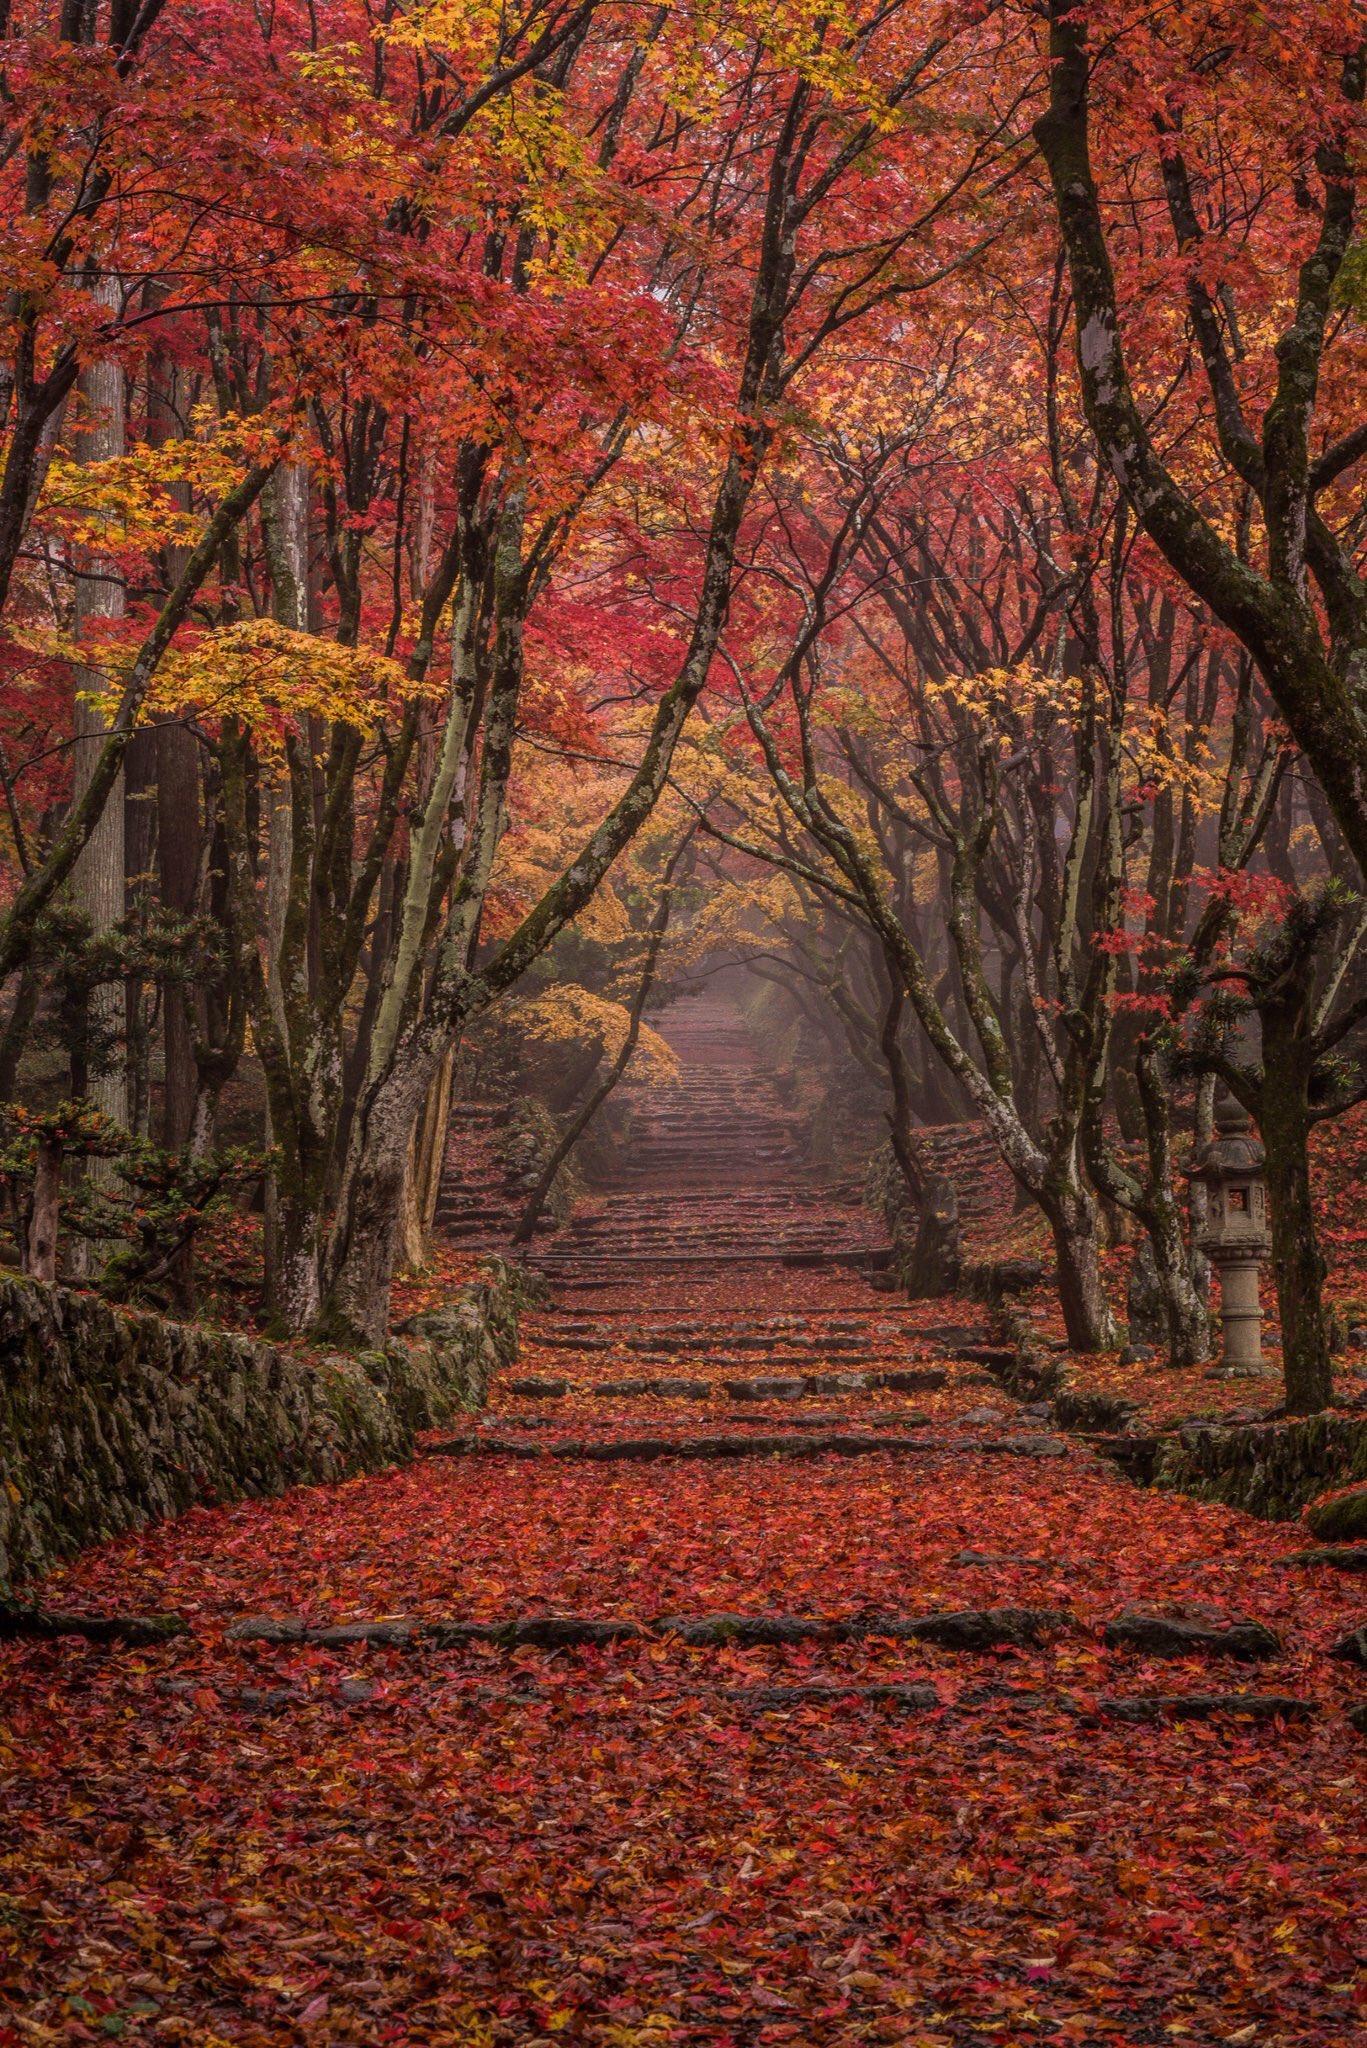 滋賀県「鶏足寺」の紅葉が美しすぎる…一度は行ってみたい!!